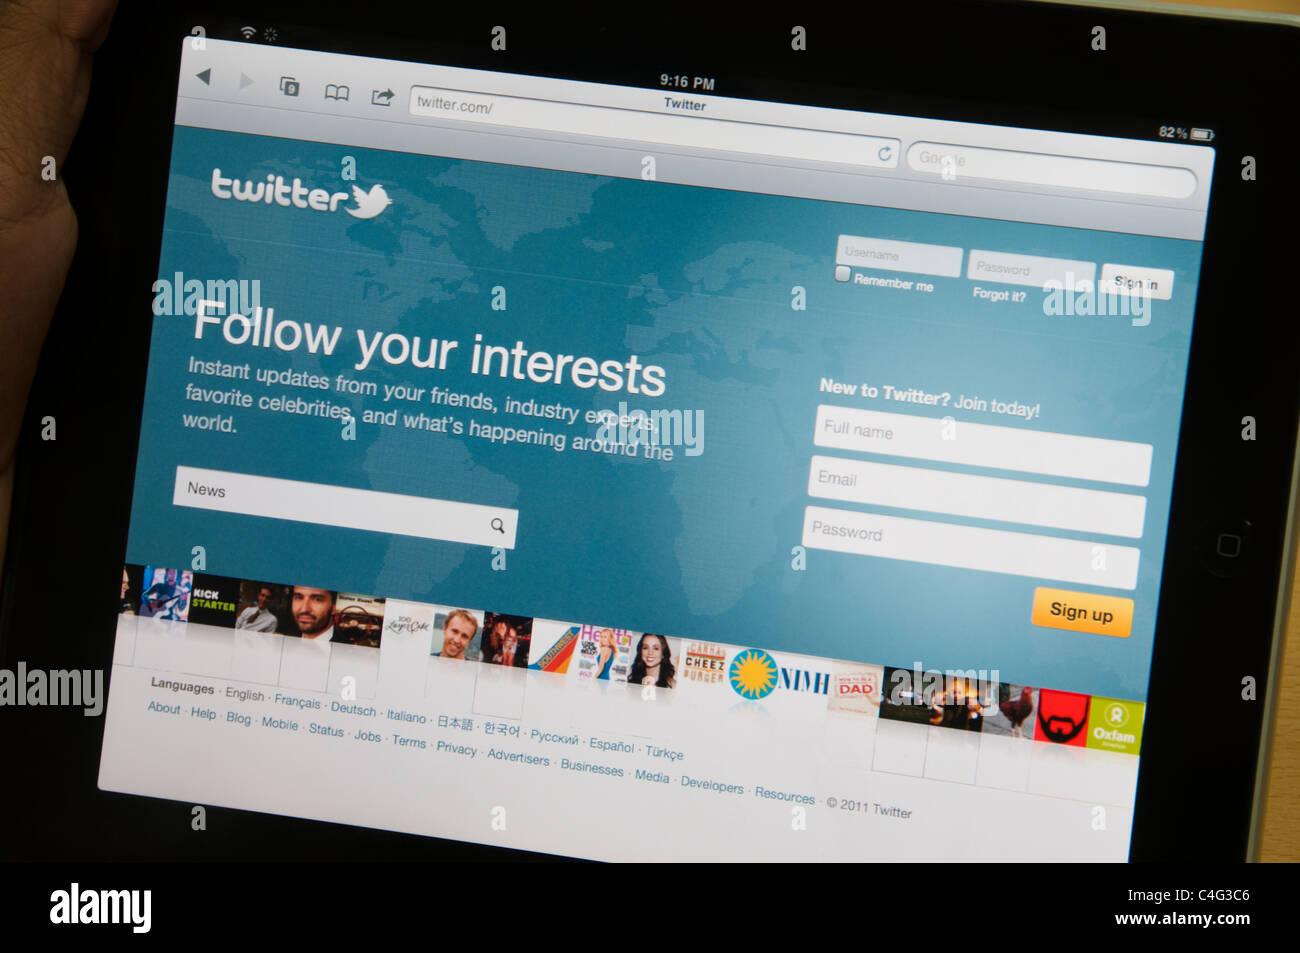 Twitter nouveau site web page d'accueil sur iPad Photo Stock